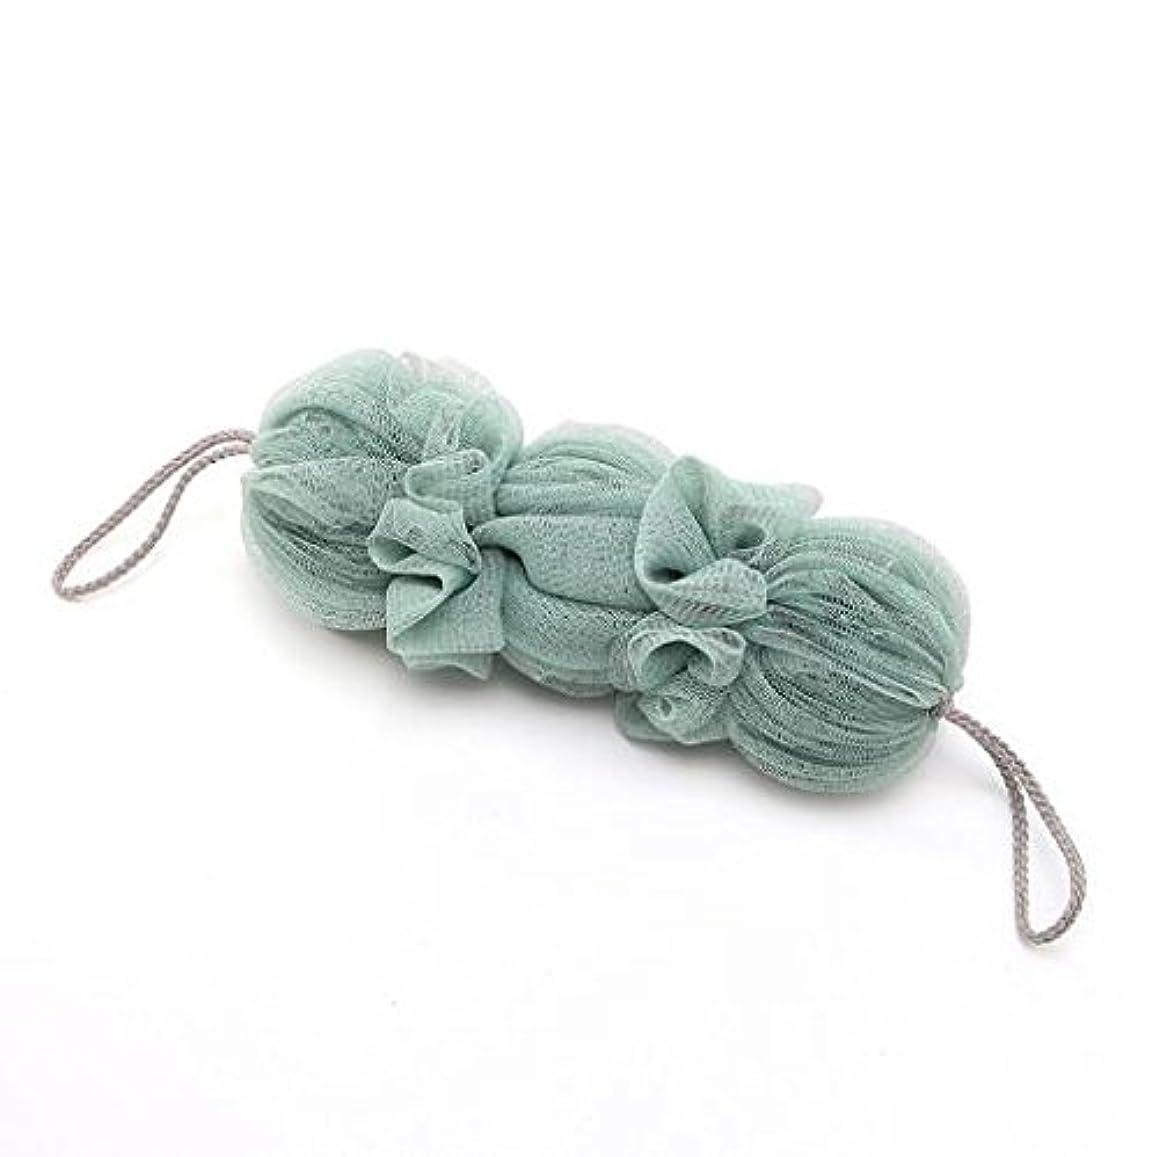 闘争マトロン減らすICOUCHI 紐付きボディタオル 背中も洗えるシャボン 泡立てネット 超柔軟 シャワー用 細かいネット 柔らかい泡立てネット